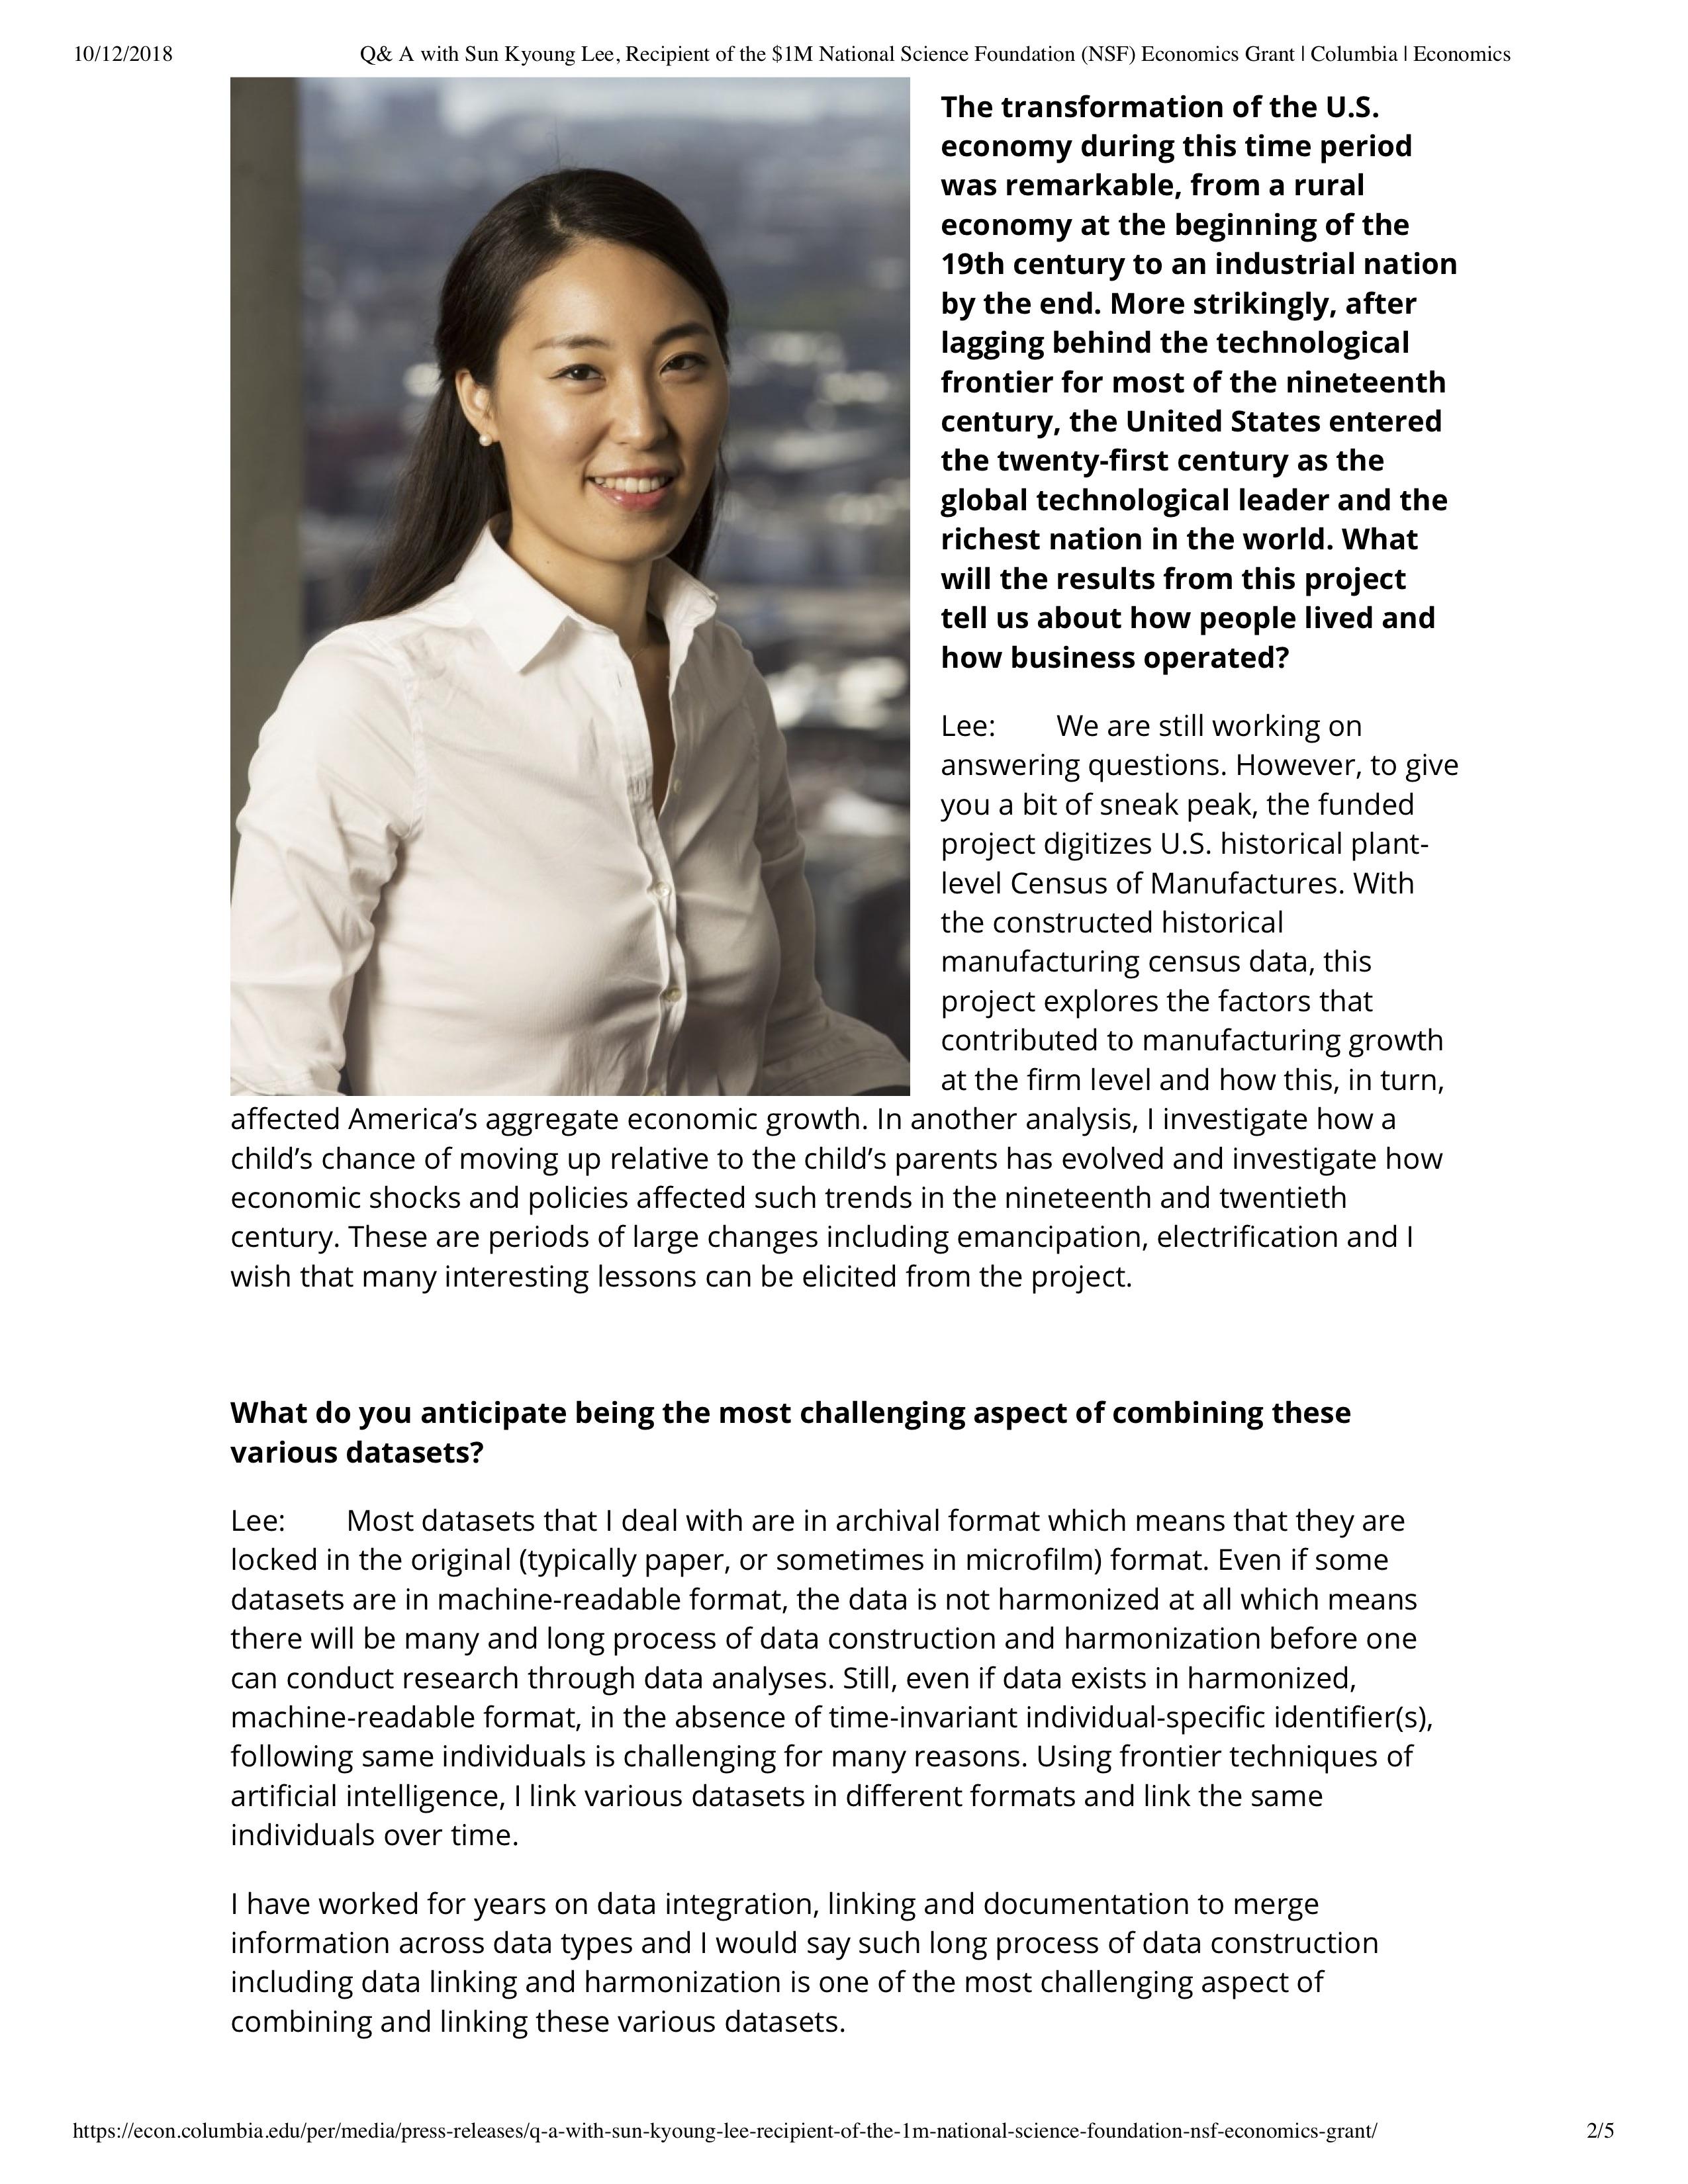 Q& A with Sun Kyoung Lee, Recipient of ...Economics Grant | Columbia | Economics_pp2